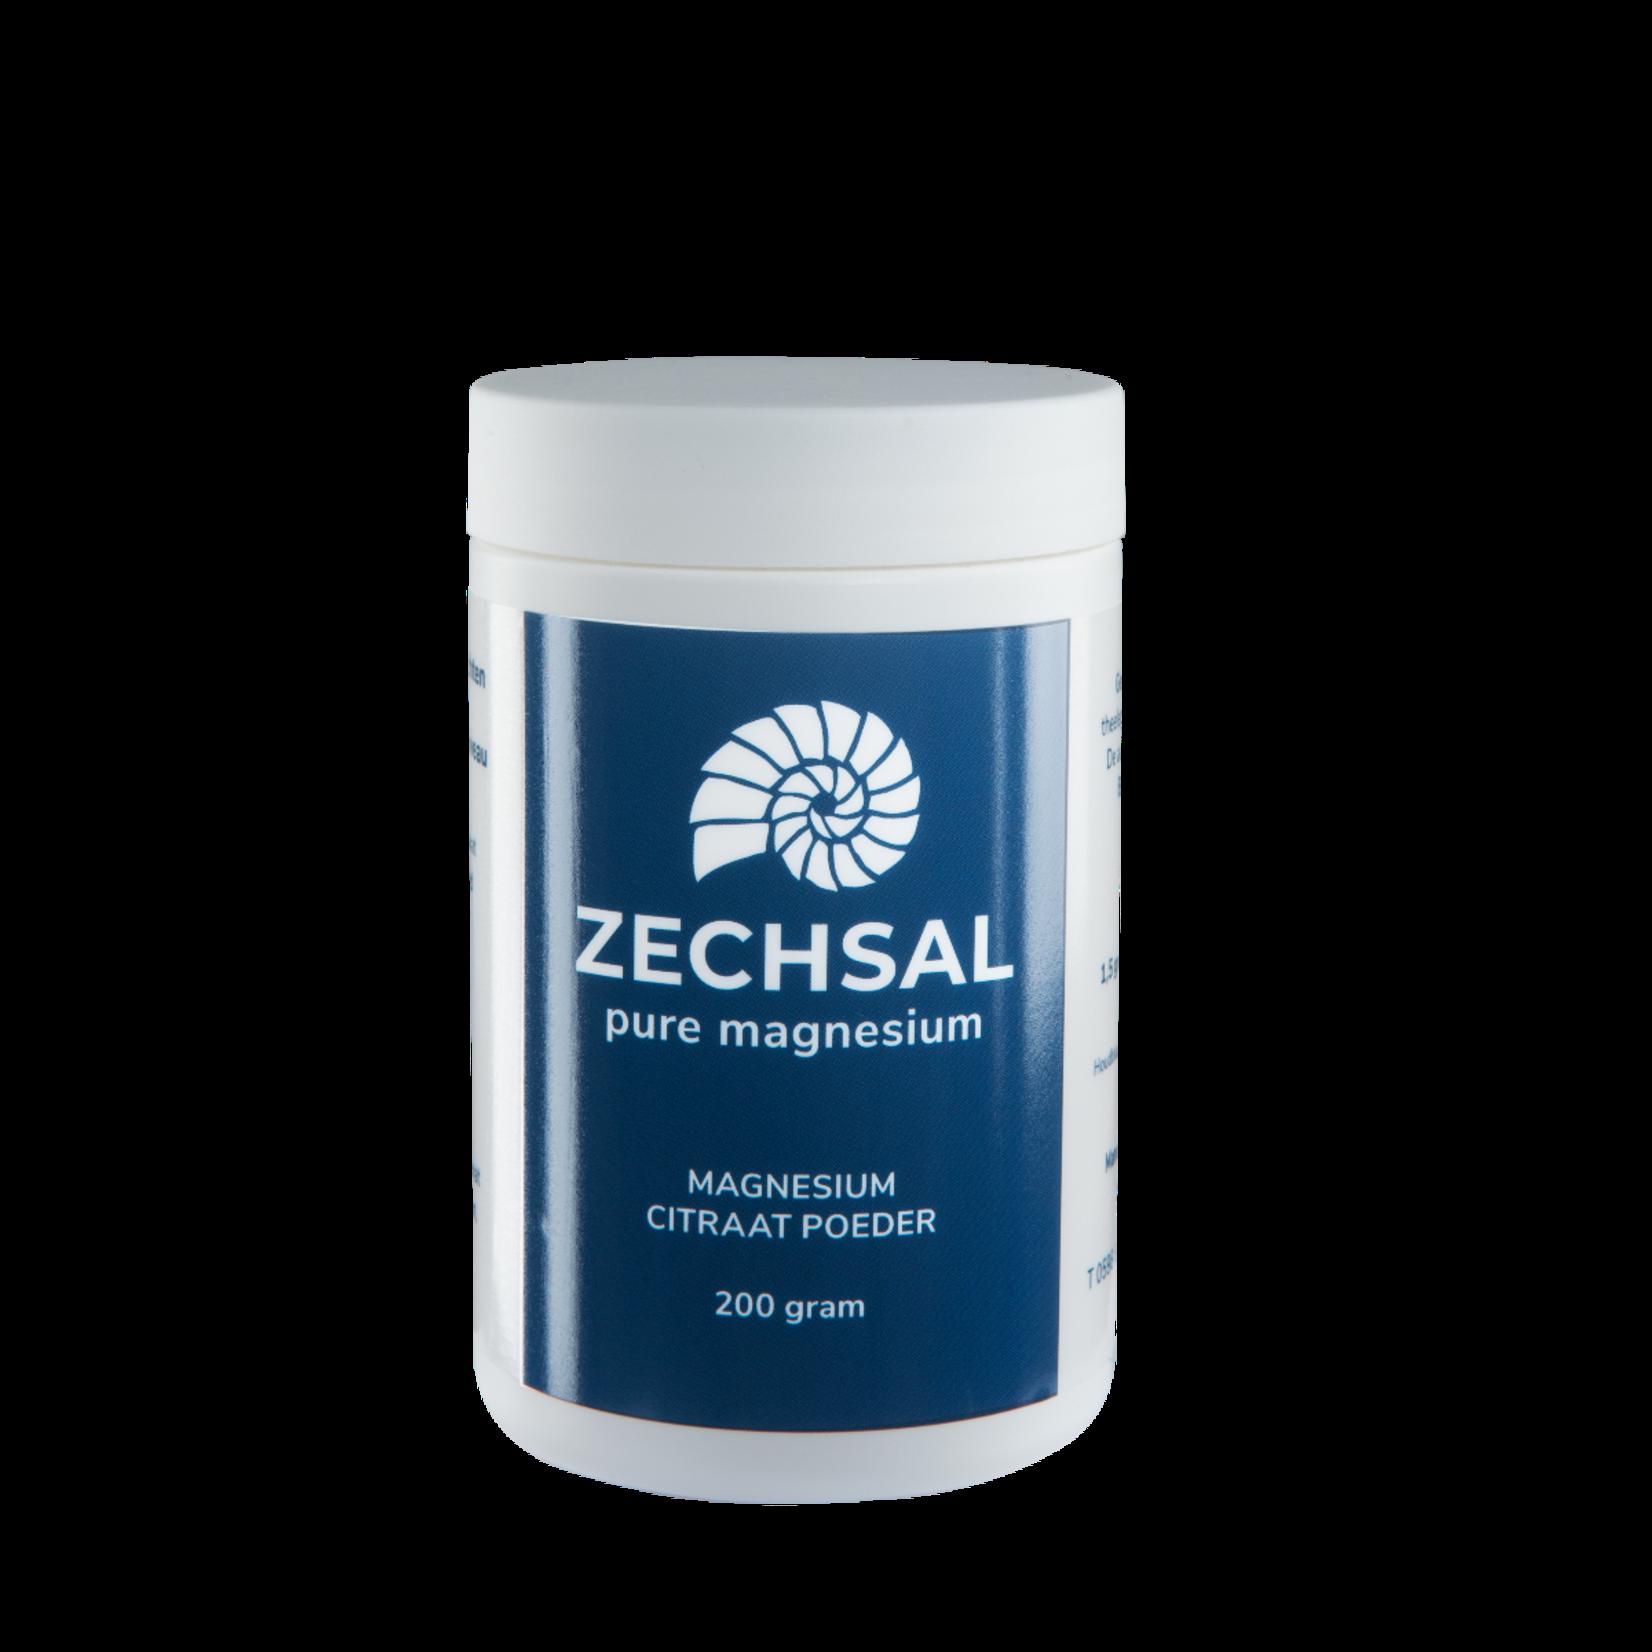 Zechsal Oraal magnesium Zechsal - magnesiumcitraat poeder - 200g